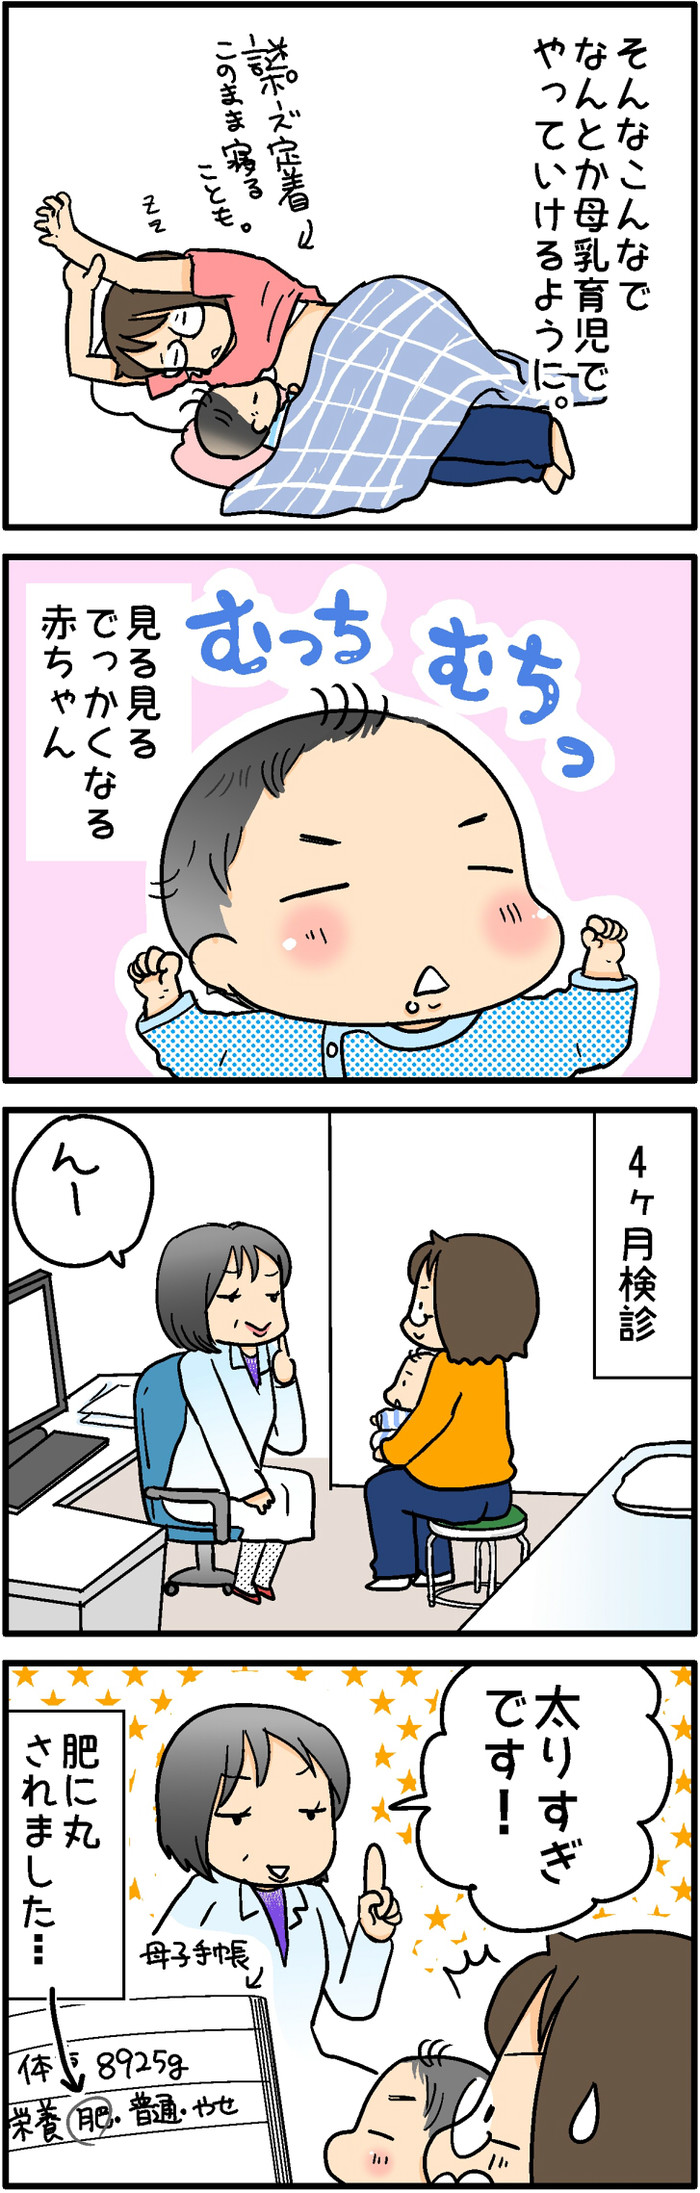 母乳育児は成功!?4ヶ月健診でむちむち赤ちゃんへのまさかの一言!の画像1